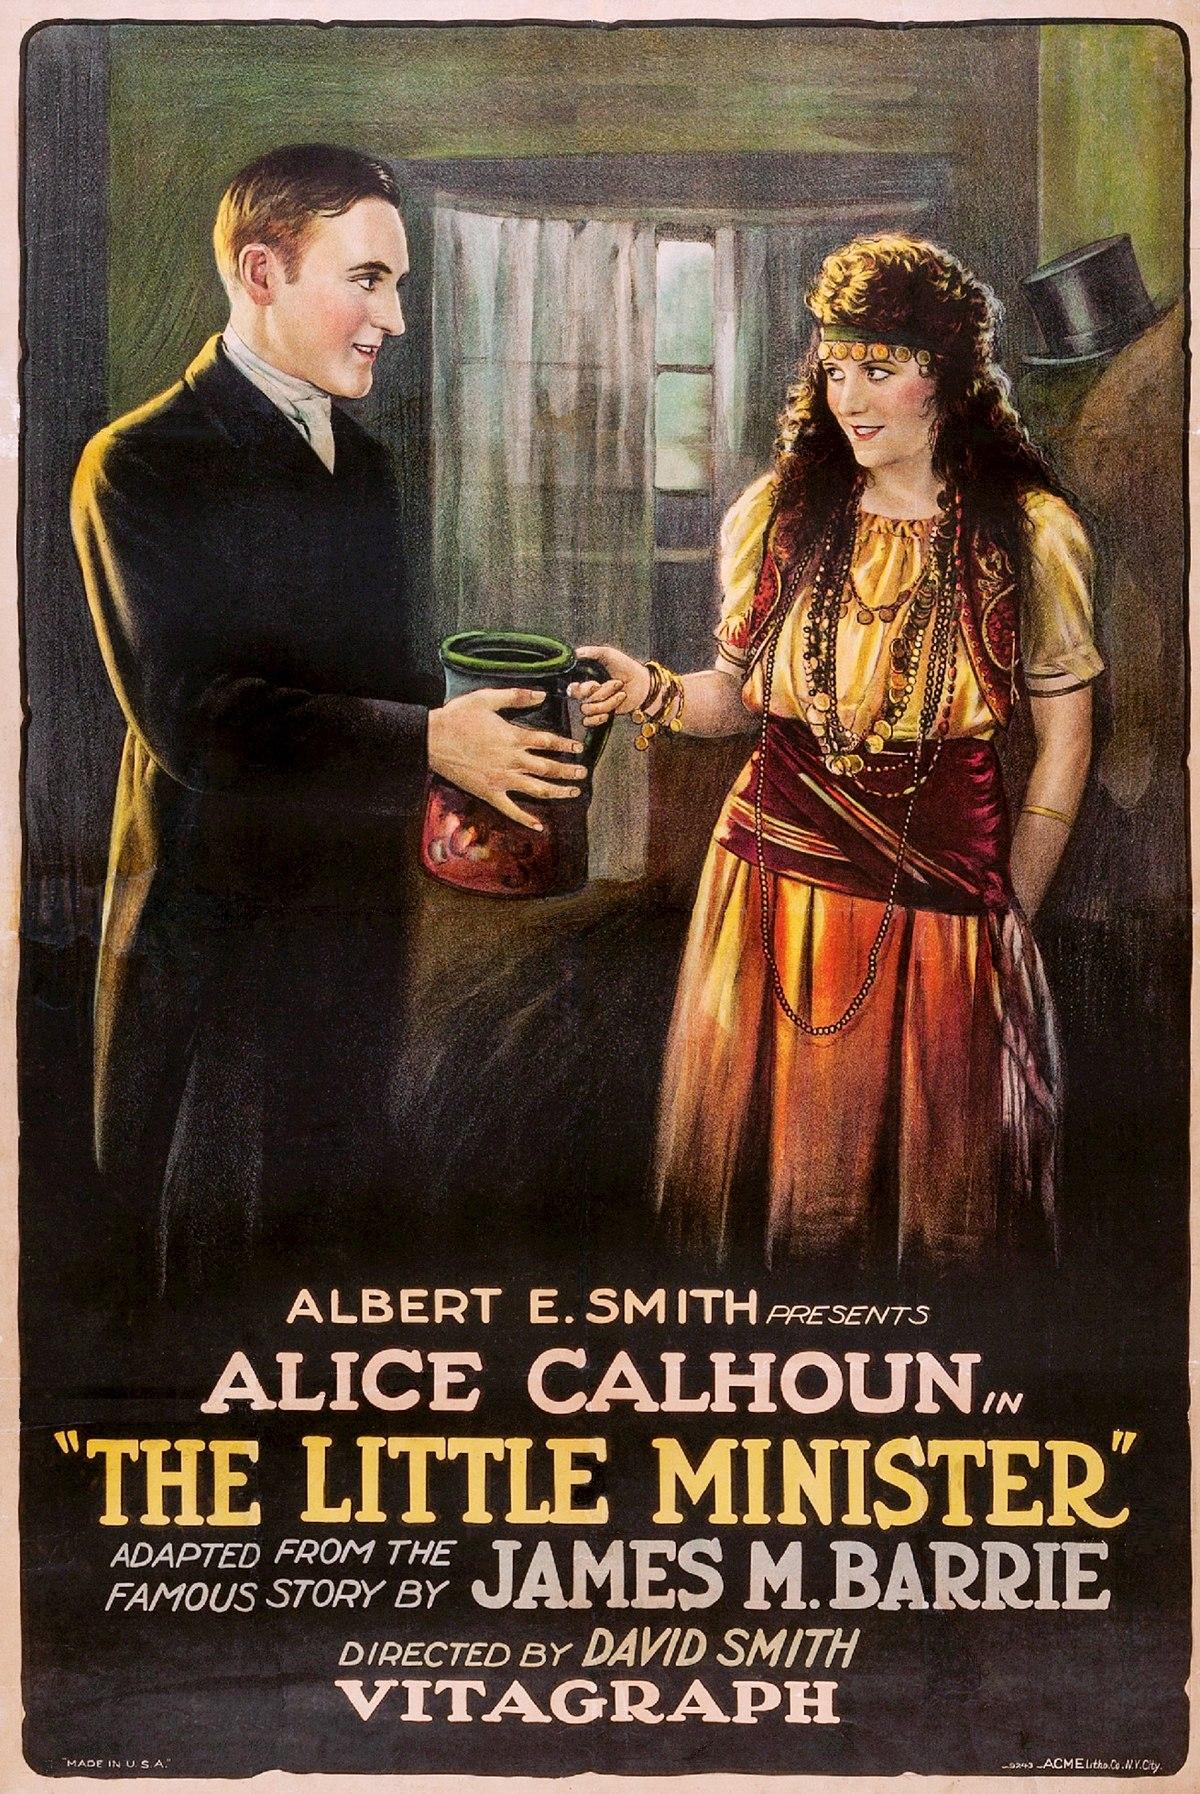 1922 Film